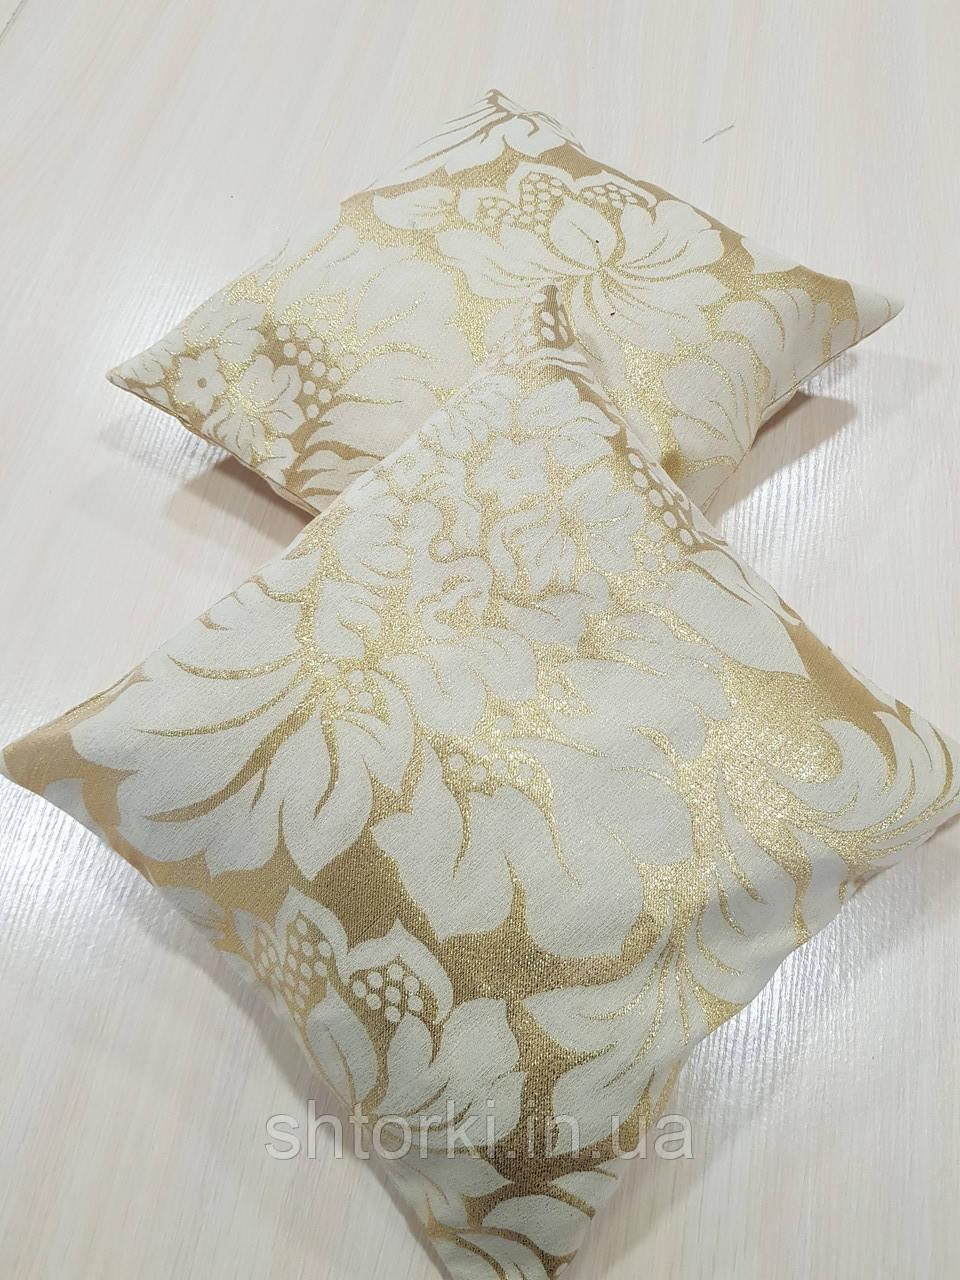 Комплект подушок Золото завитки люрекс 2шт